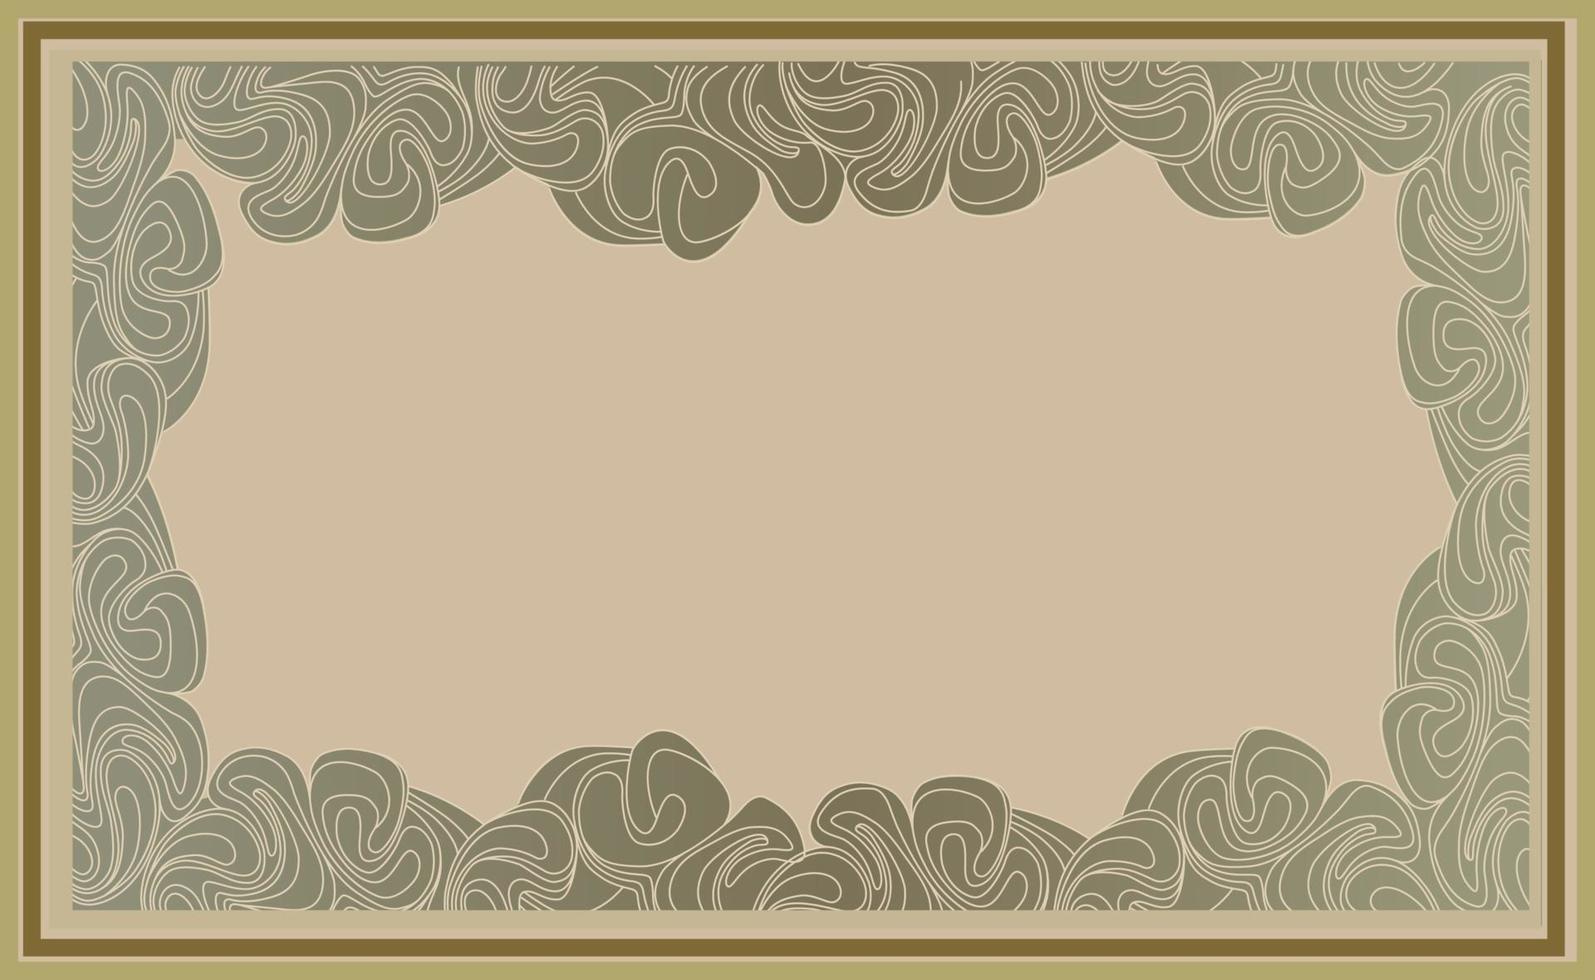 retro bakgrund med kopieringsutrymme för ram. virvlar linjer inredning i art deco stil. blommig motiv dekor element tapet. vektor